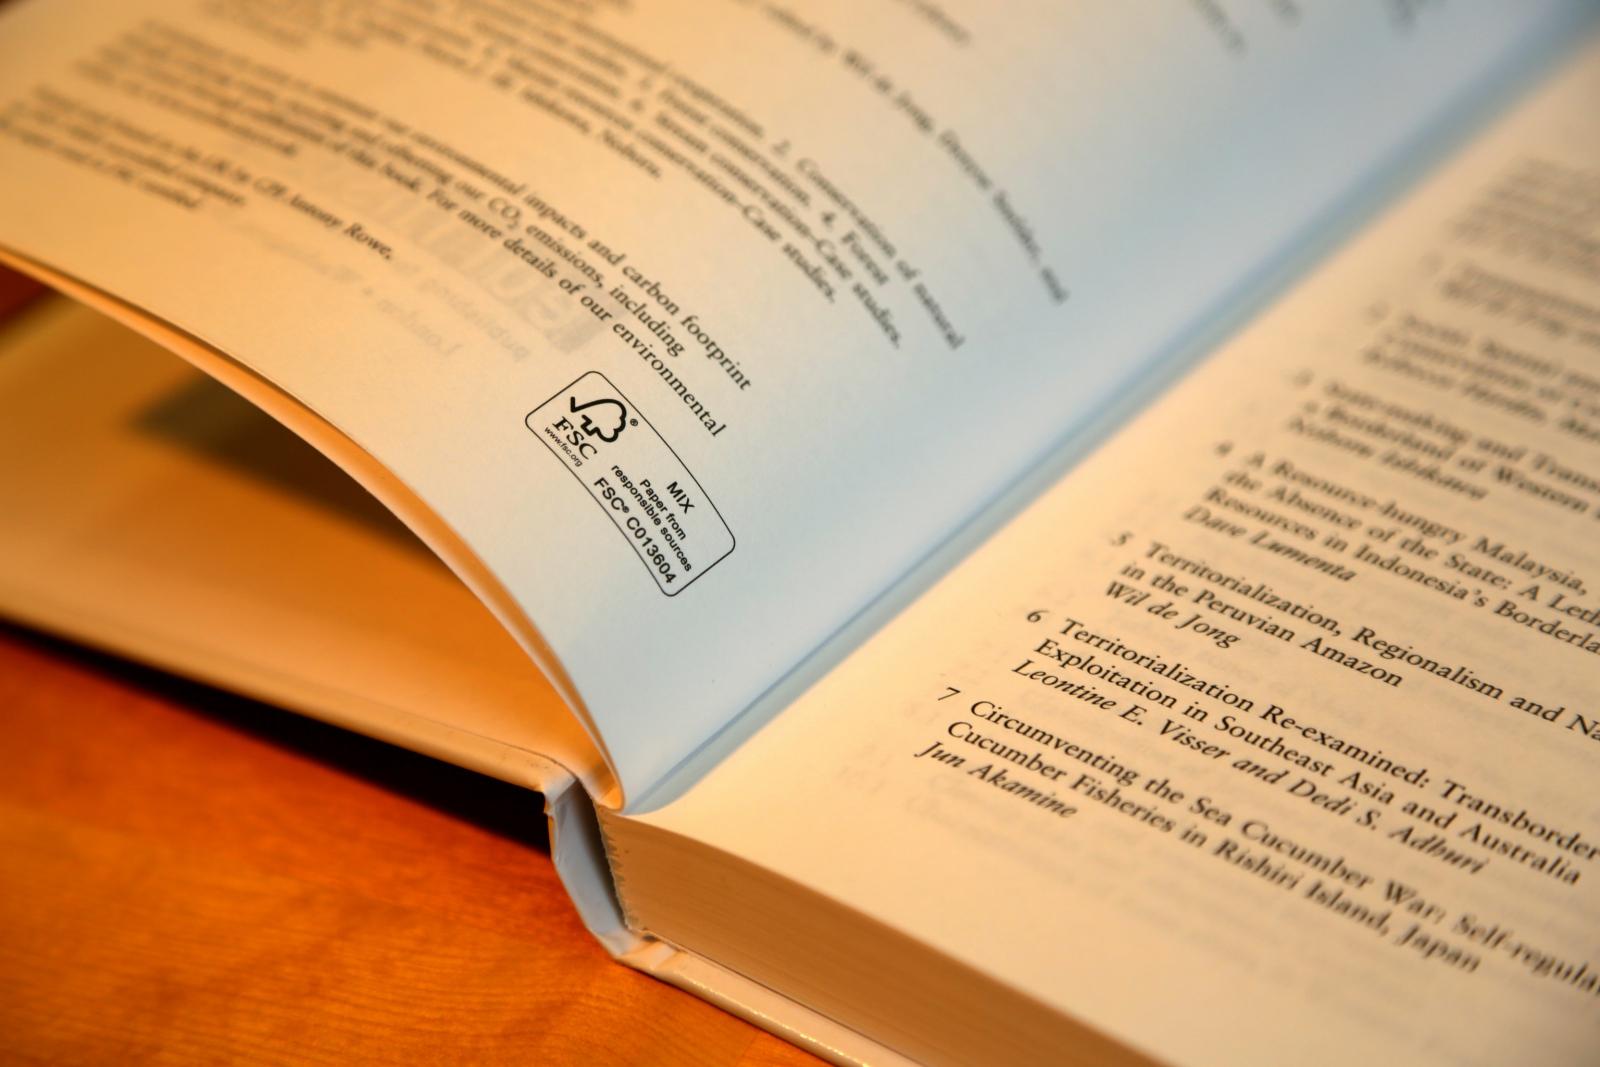 Singapore environment council accepts only fsc certification for fsc ac singapore environment council accepts only fsc certification for paper products xflitez Image collections